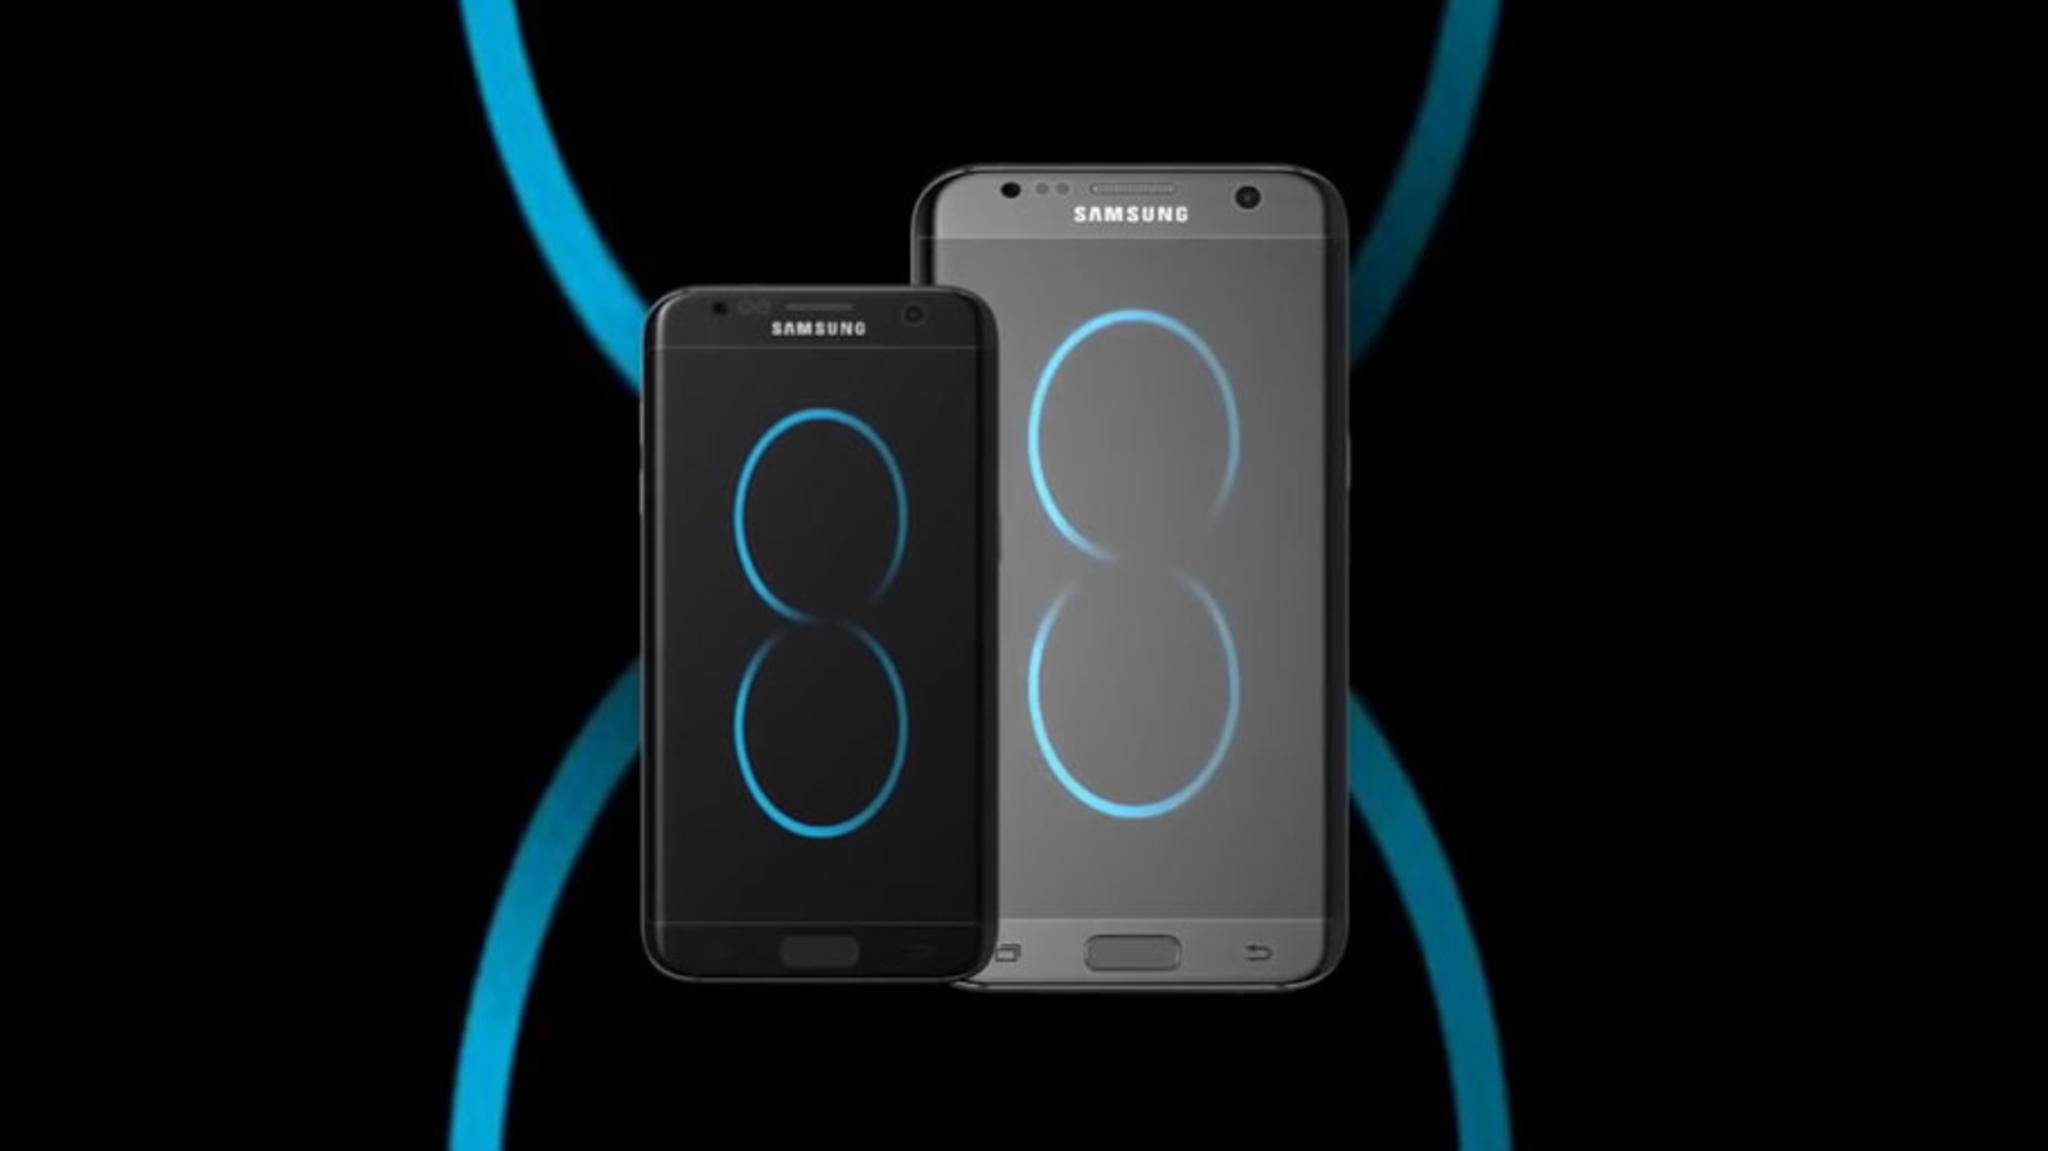 Das Galaxy S8 könnte einen Ableger mit 6 GB RAM bekommen.